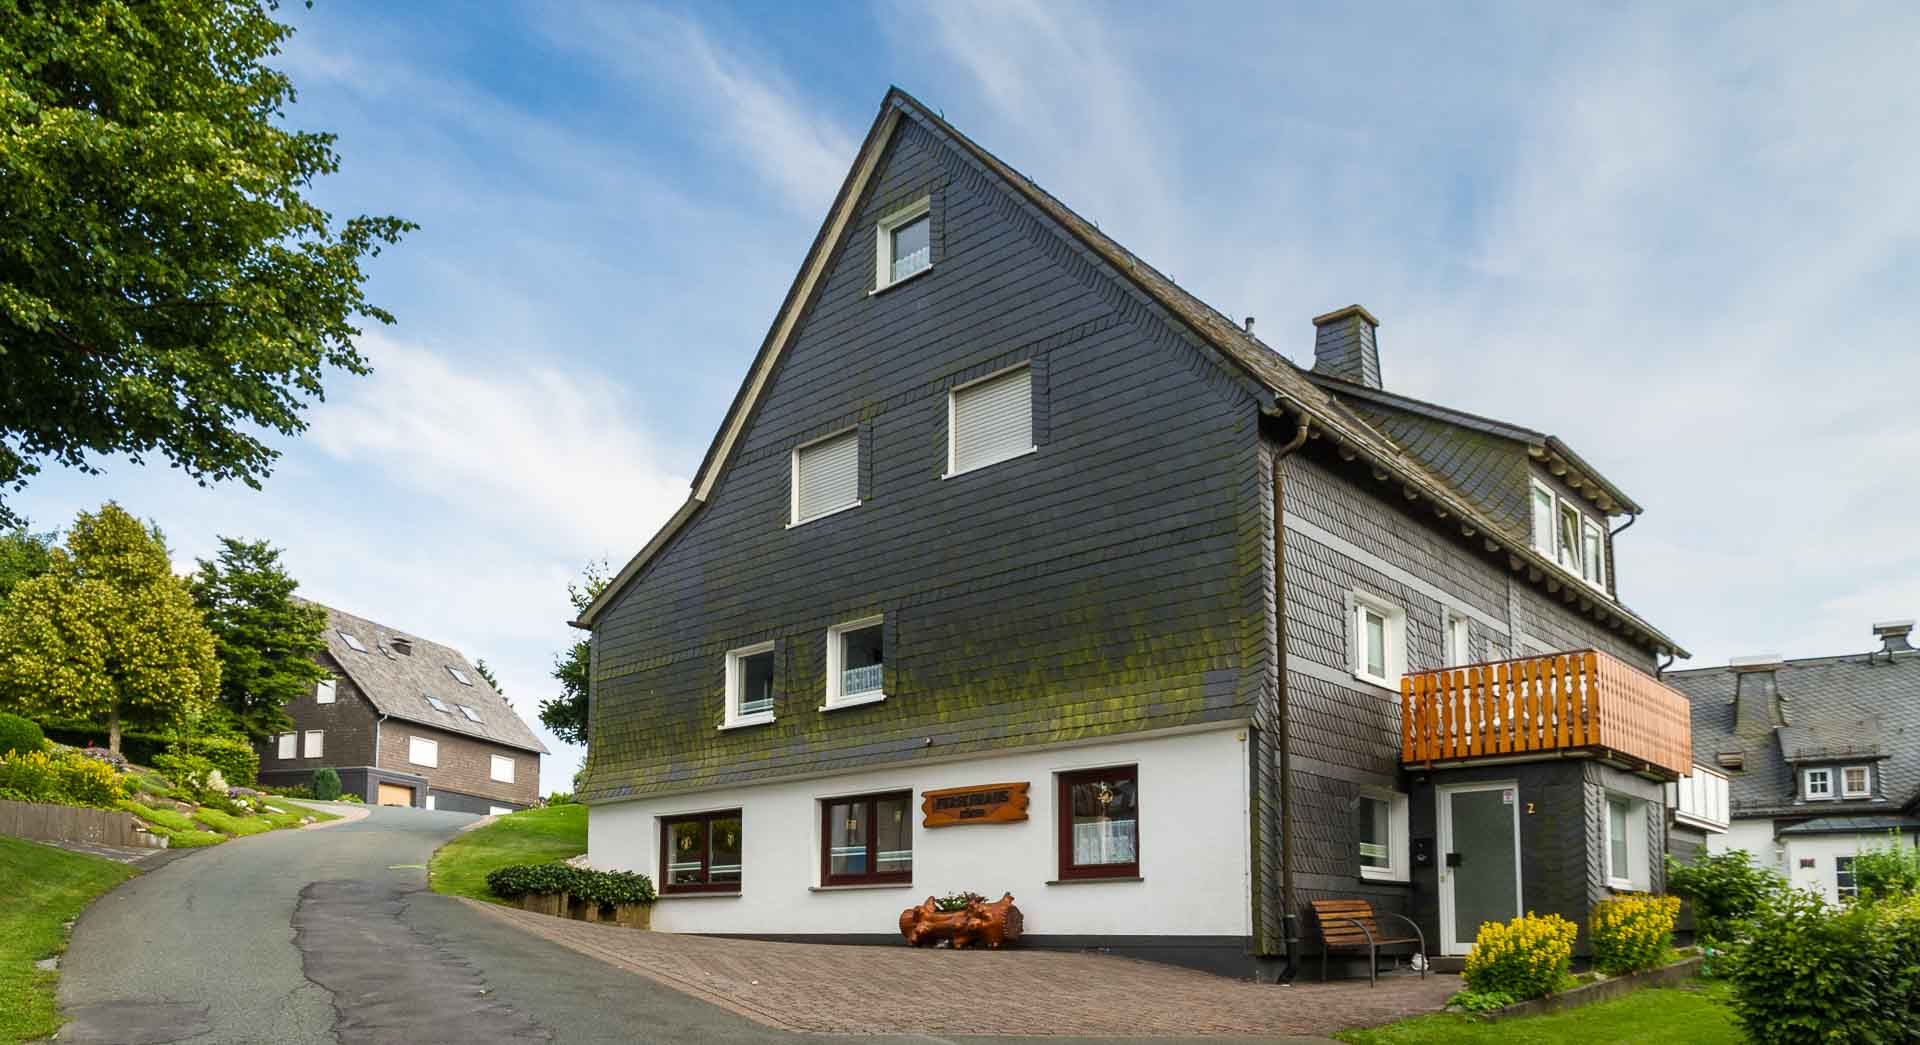 willkommen im ferienhaus k nig in winterberg im sauerland. Black Bedroom Furniture Sets. Home Design Ideas